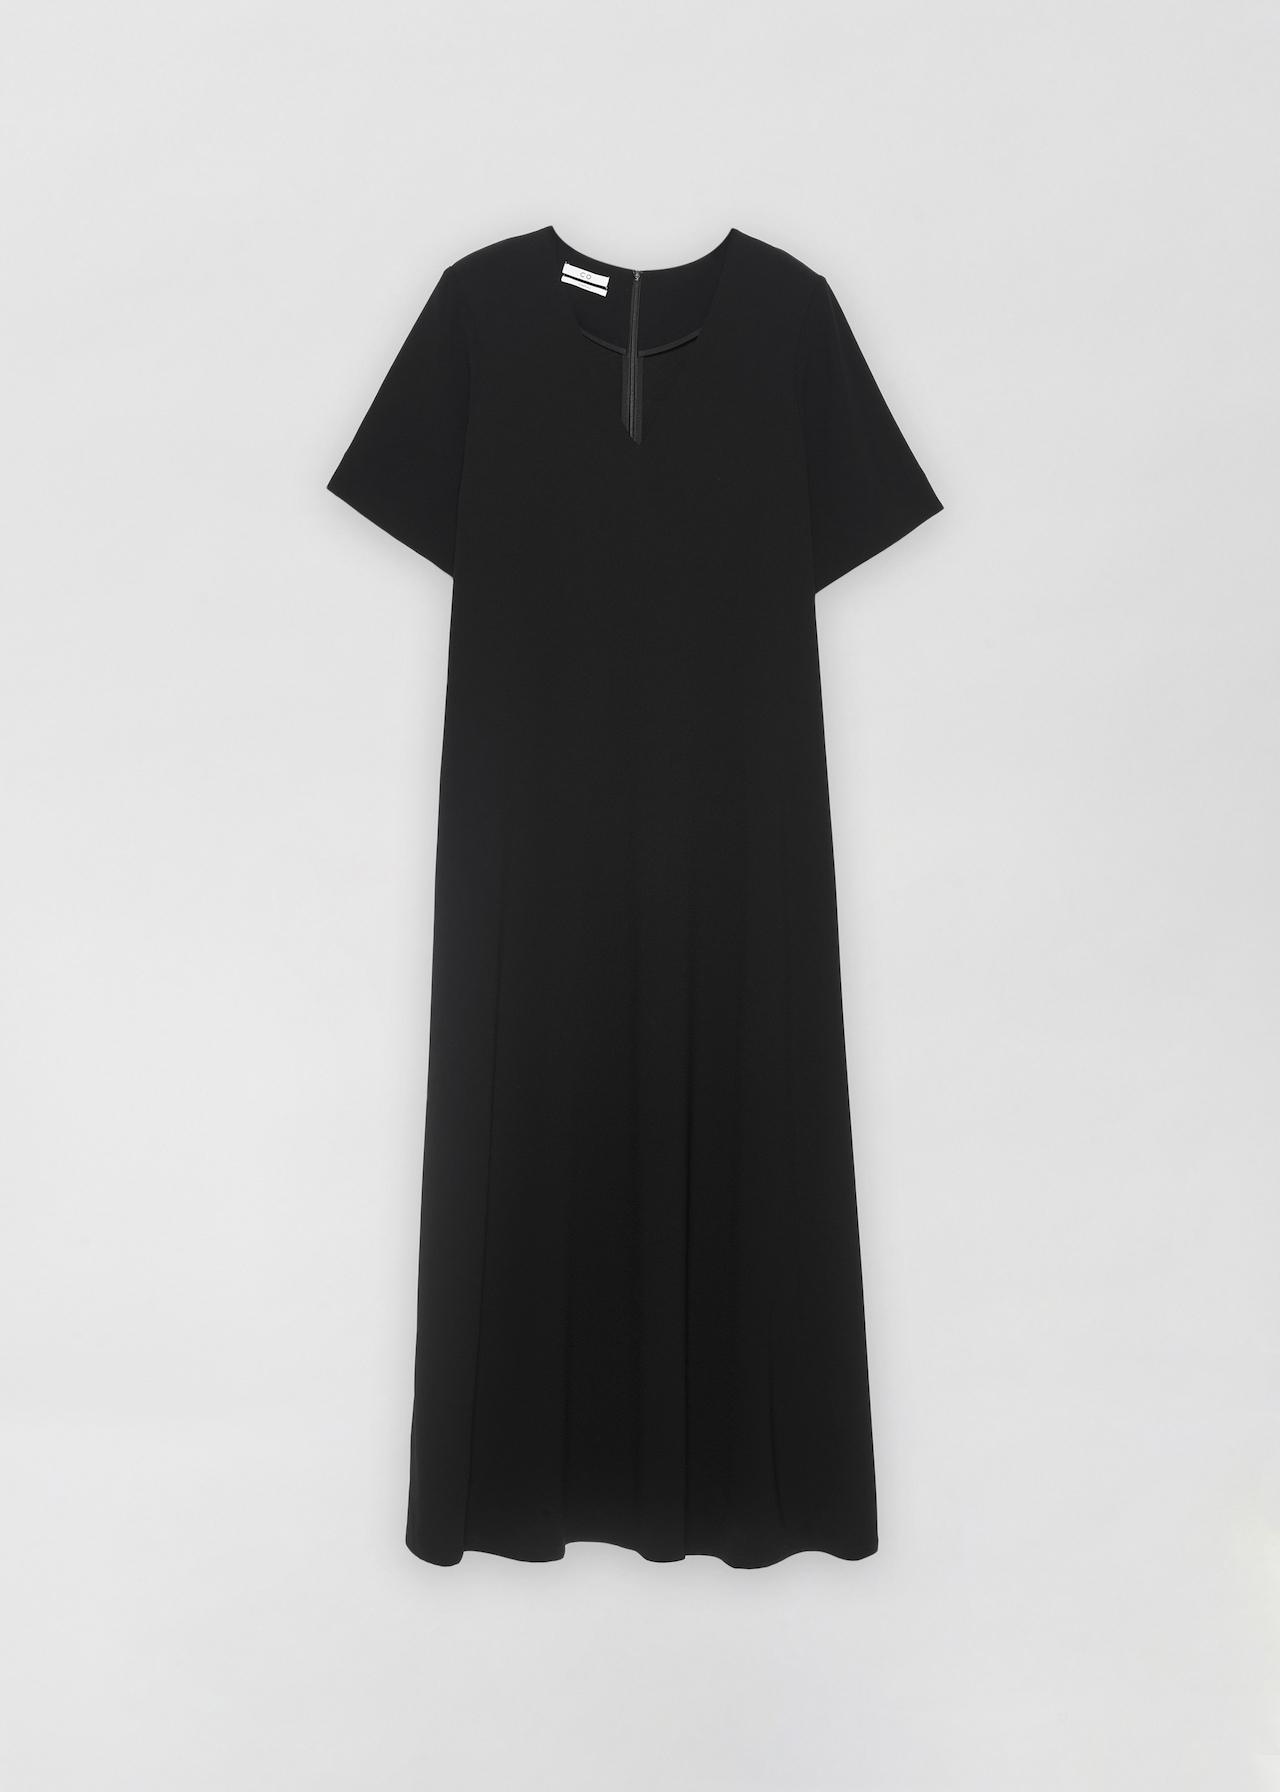 CO - Short Sleeve V-Neck Dress in Stretch Crepe - Black